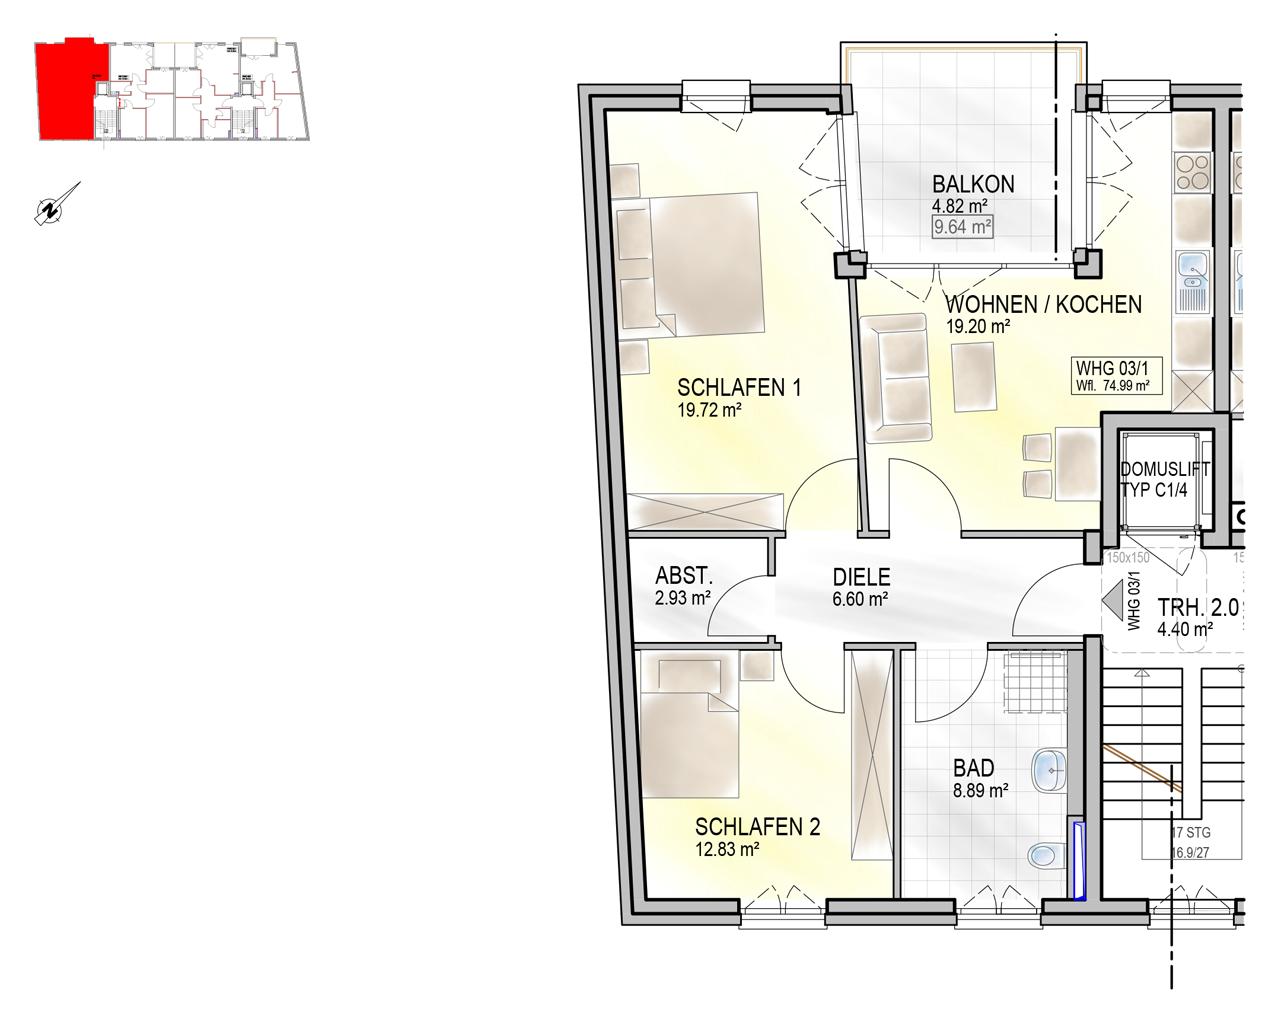 Nr. 03/1 - OG 1 - 3 Zimmer - 74,68m²